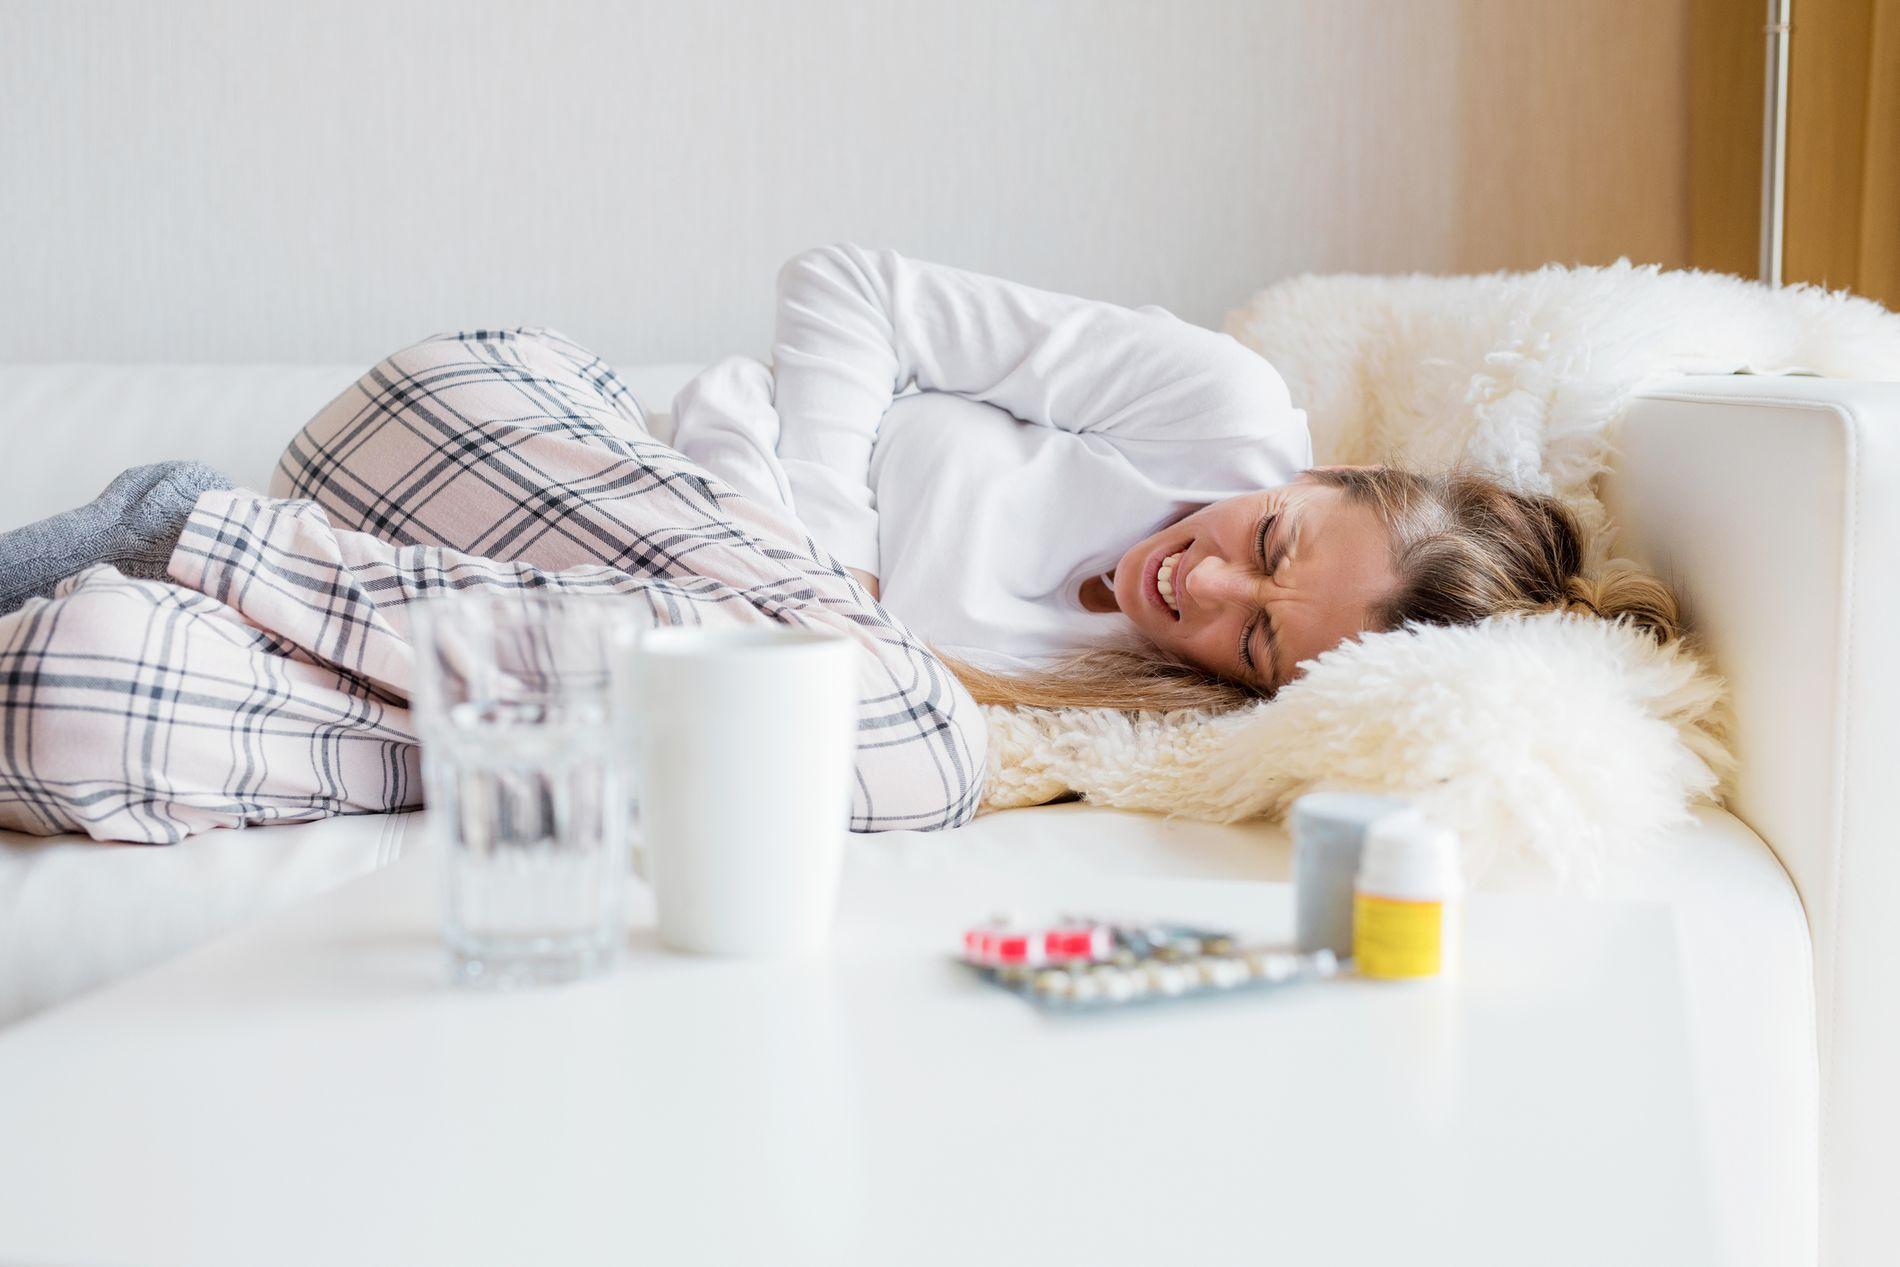 مسکنهای طبیعی کاهش درد قاعدگی